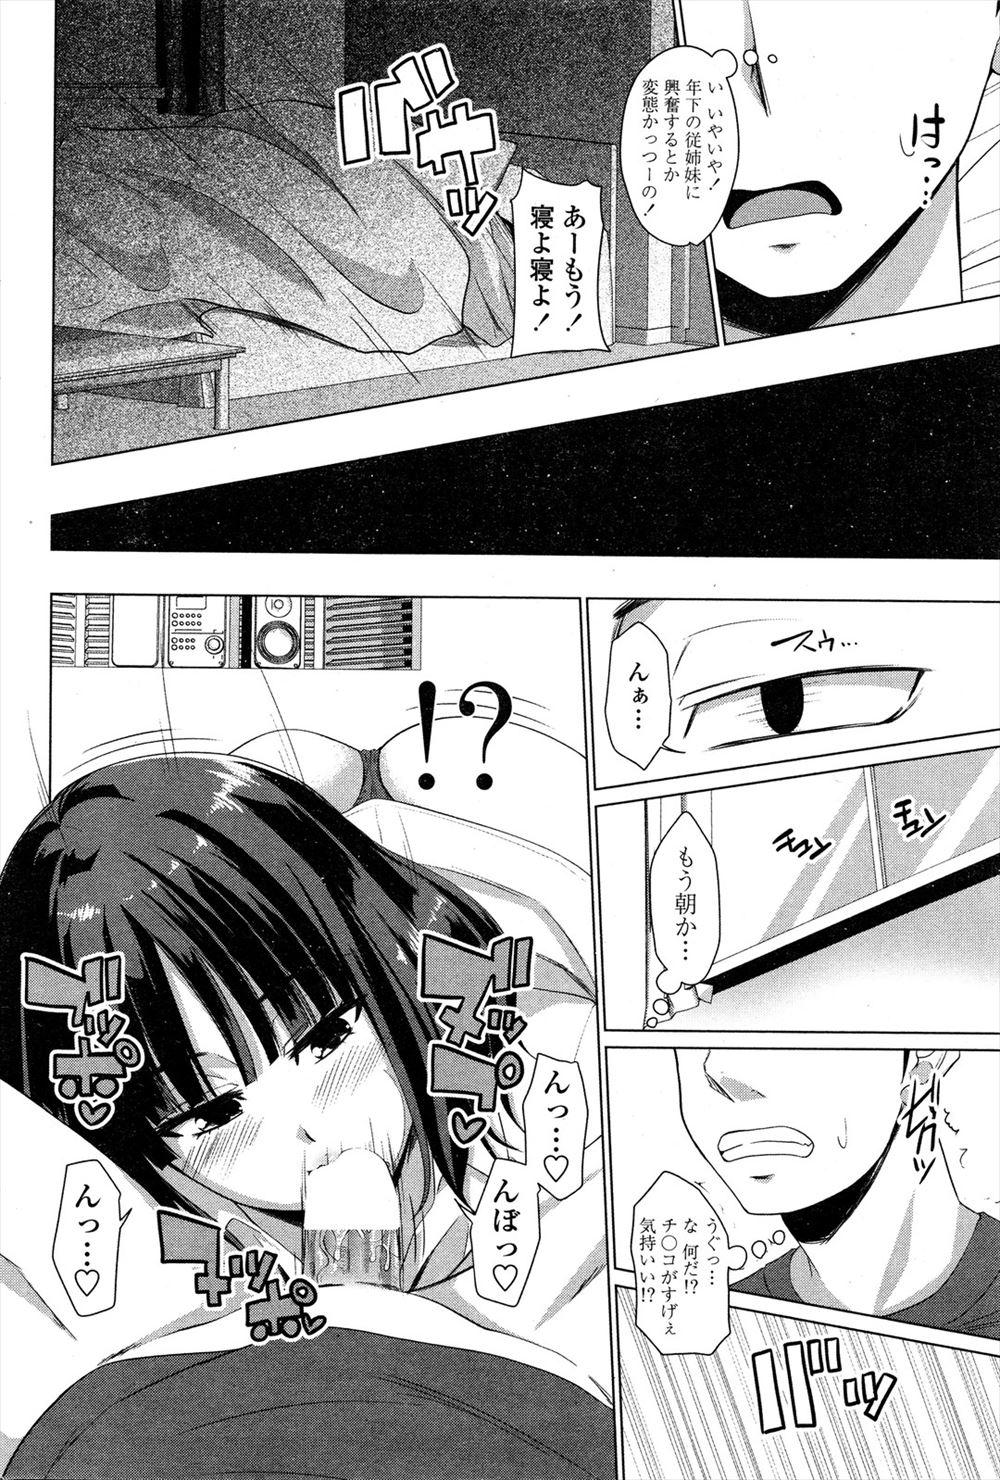 【エロ漫画・エロ同人】巨乳女子校生のイトコが居候して来たけど朝チンコ咥えてくるンゴwww (4)